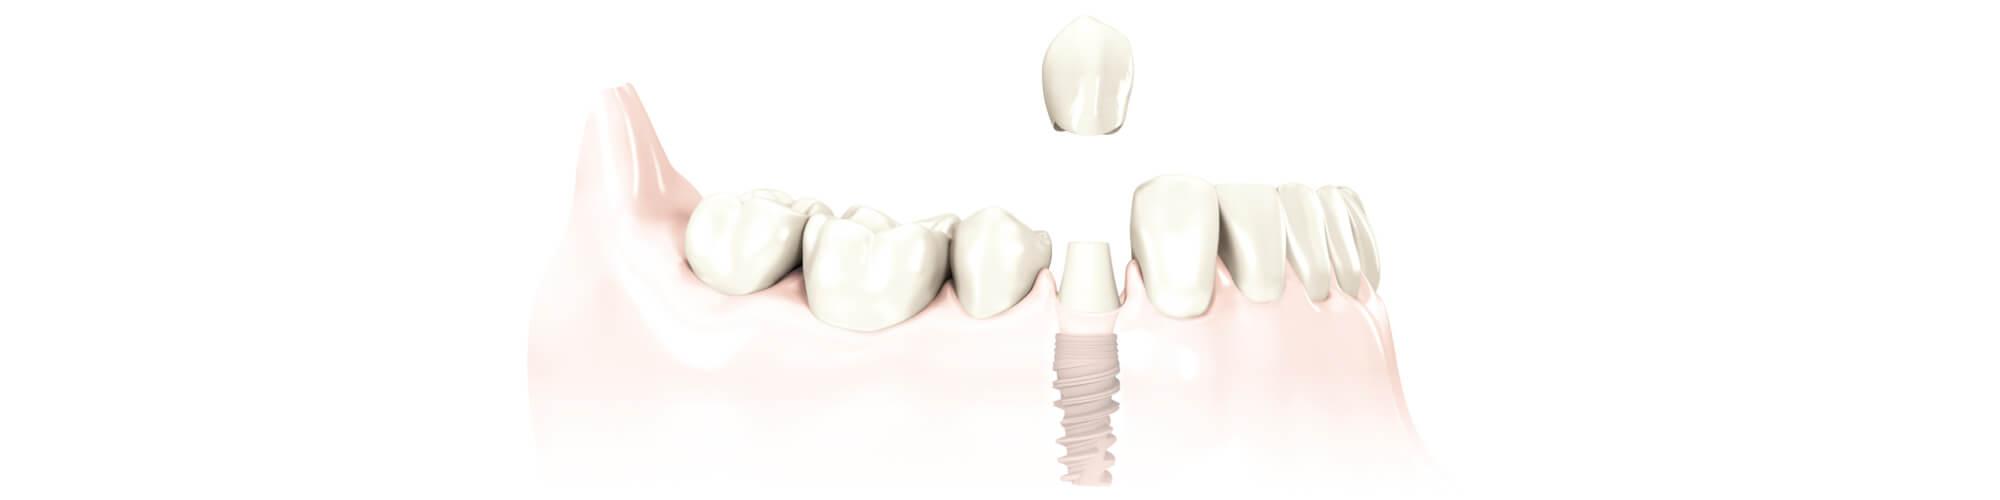 Zahnimplantate München MunichDent